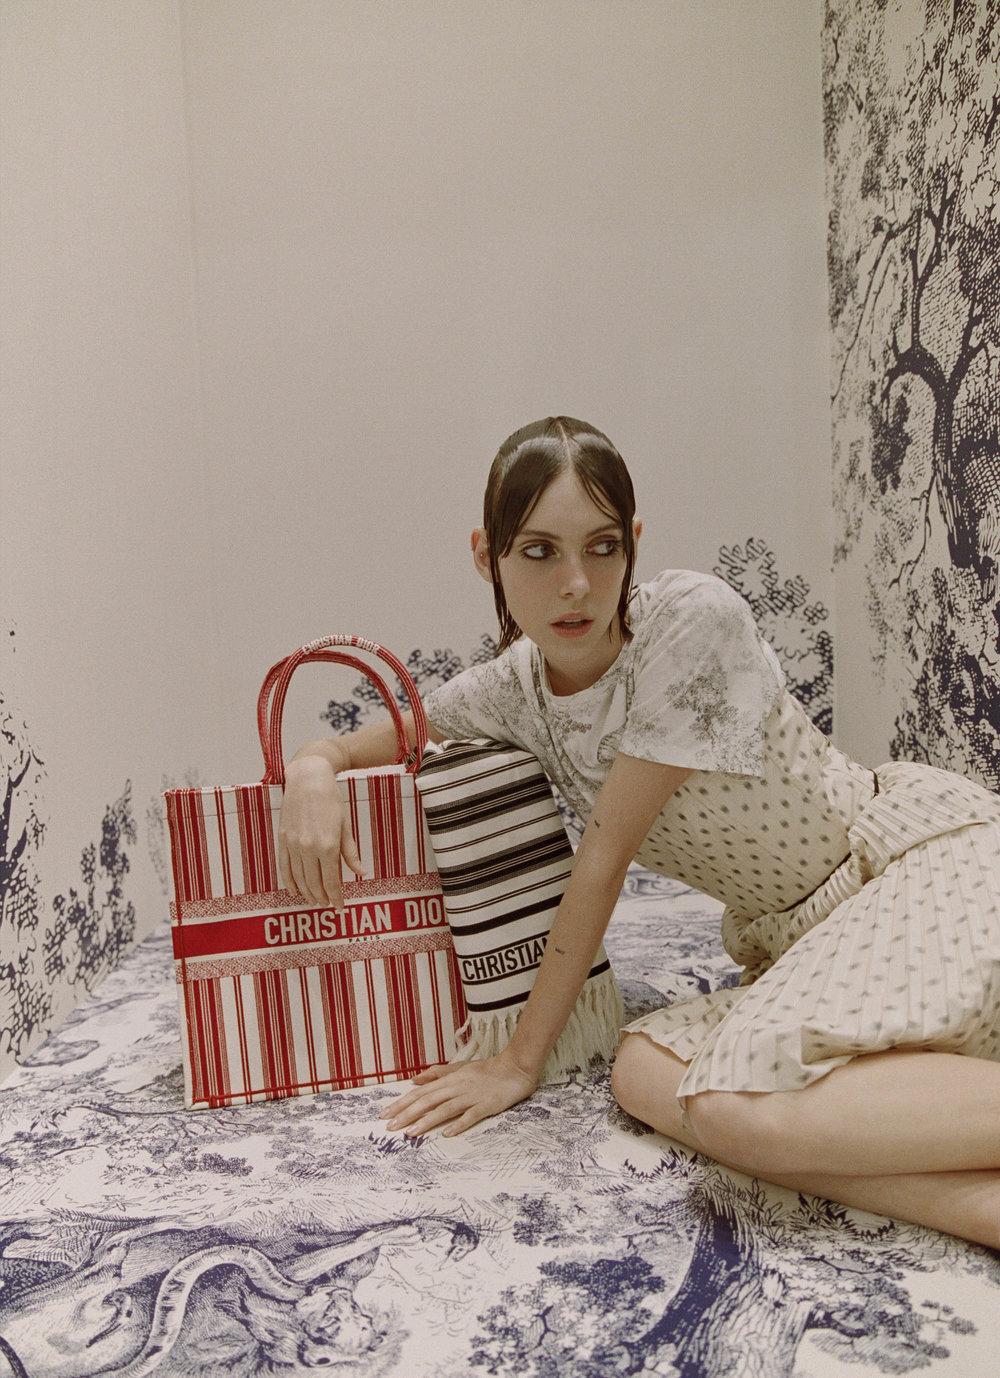 DAPHNENGUYEN-Dior x Matilda final-181214000246130032.jpg